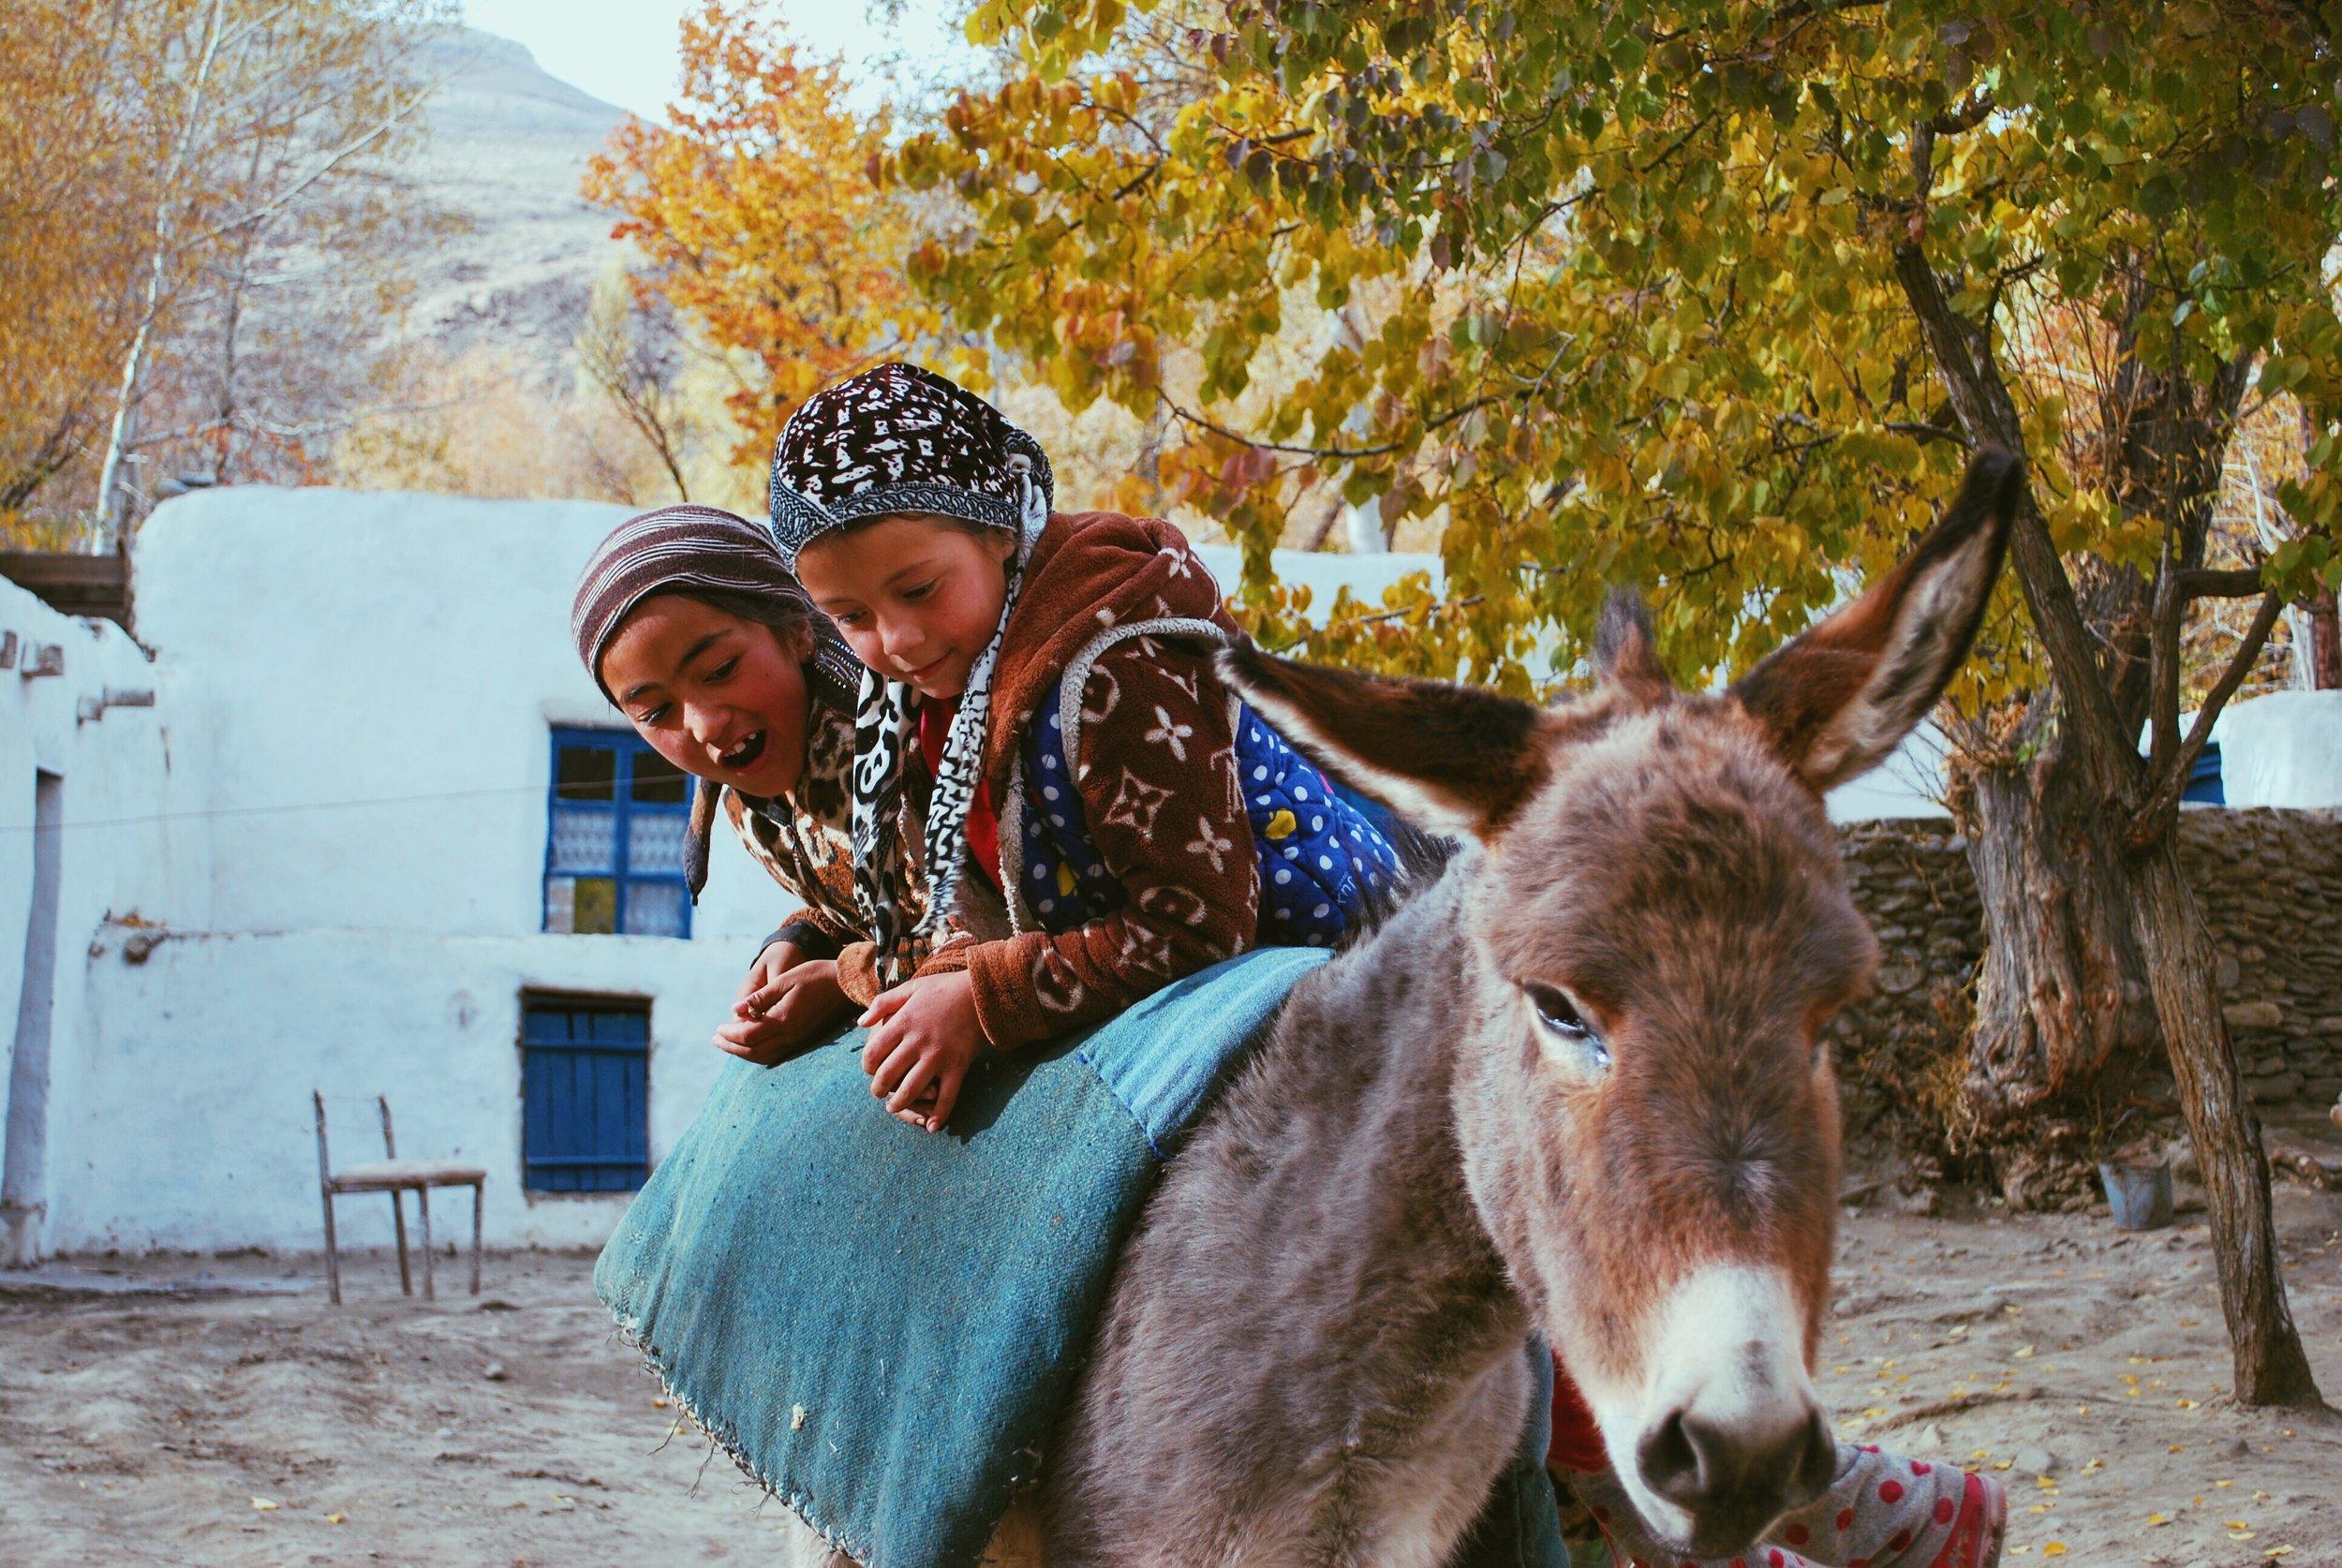 children on donkey RWB.jpg